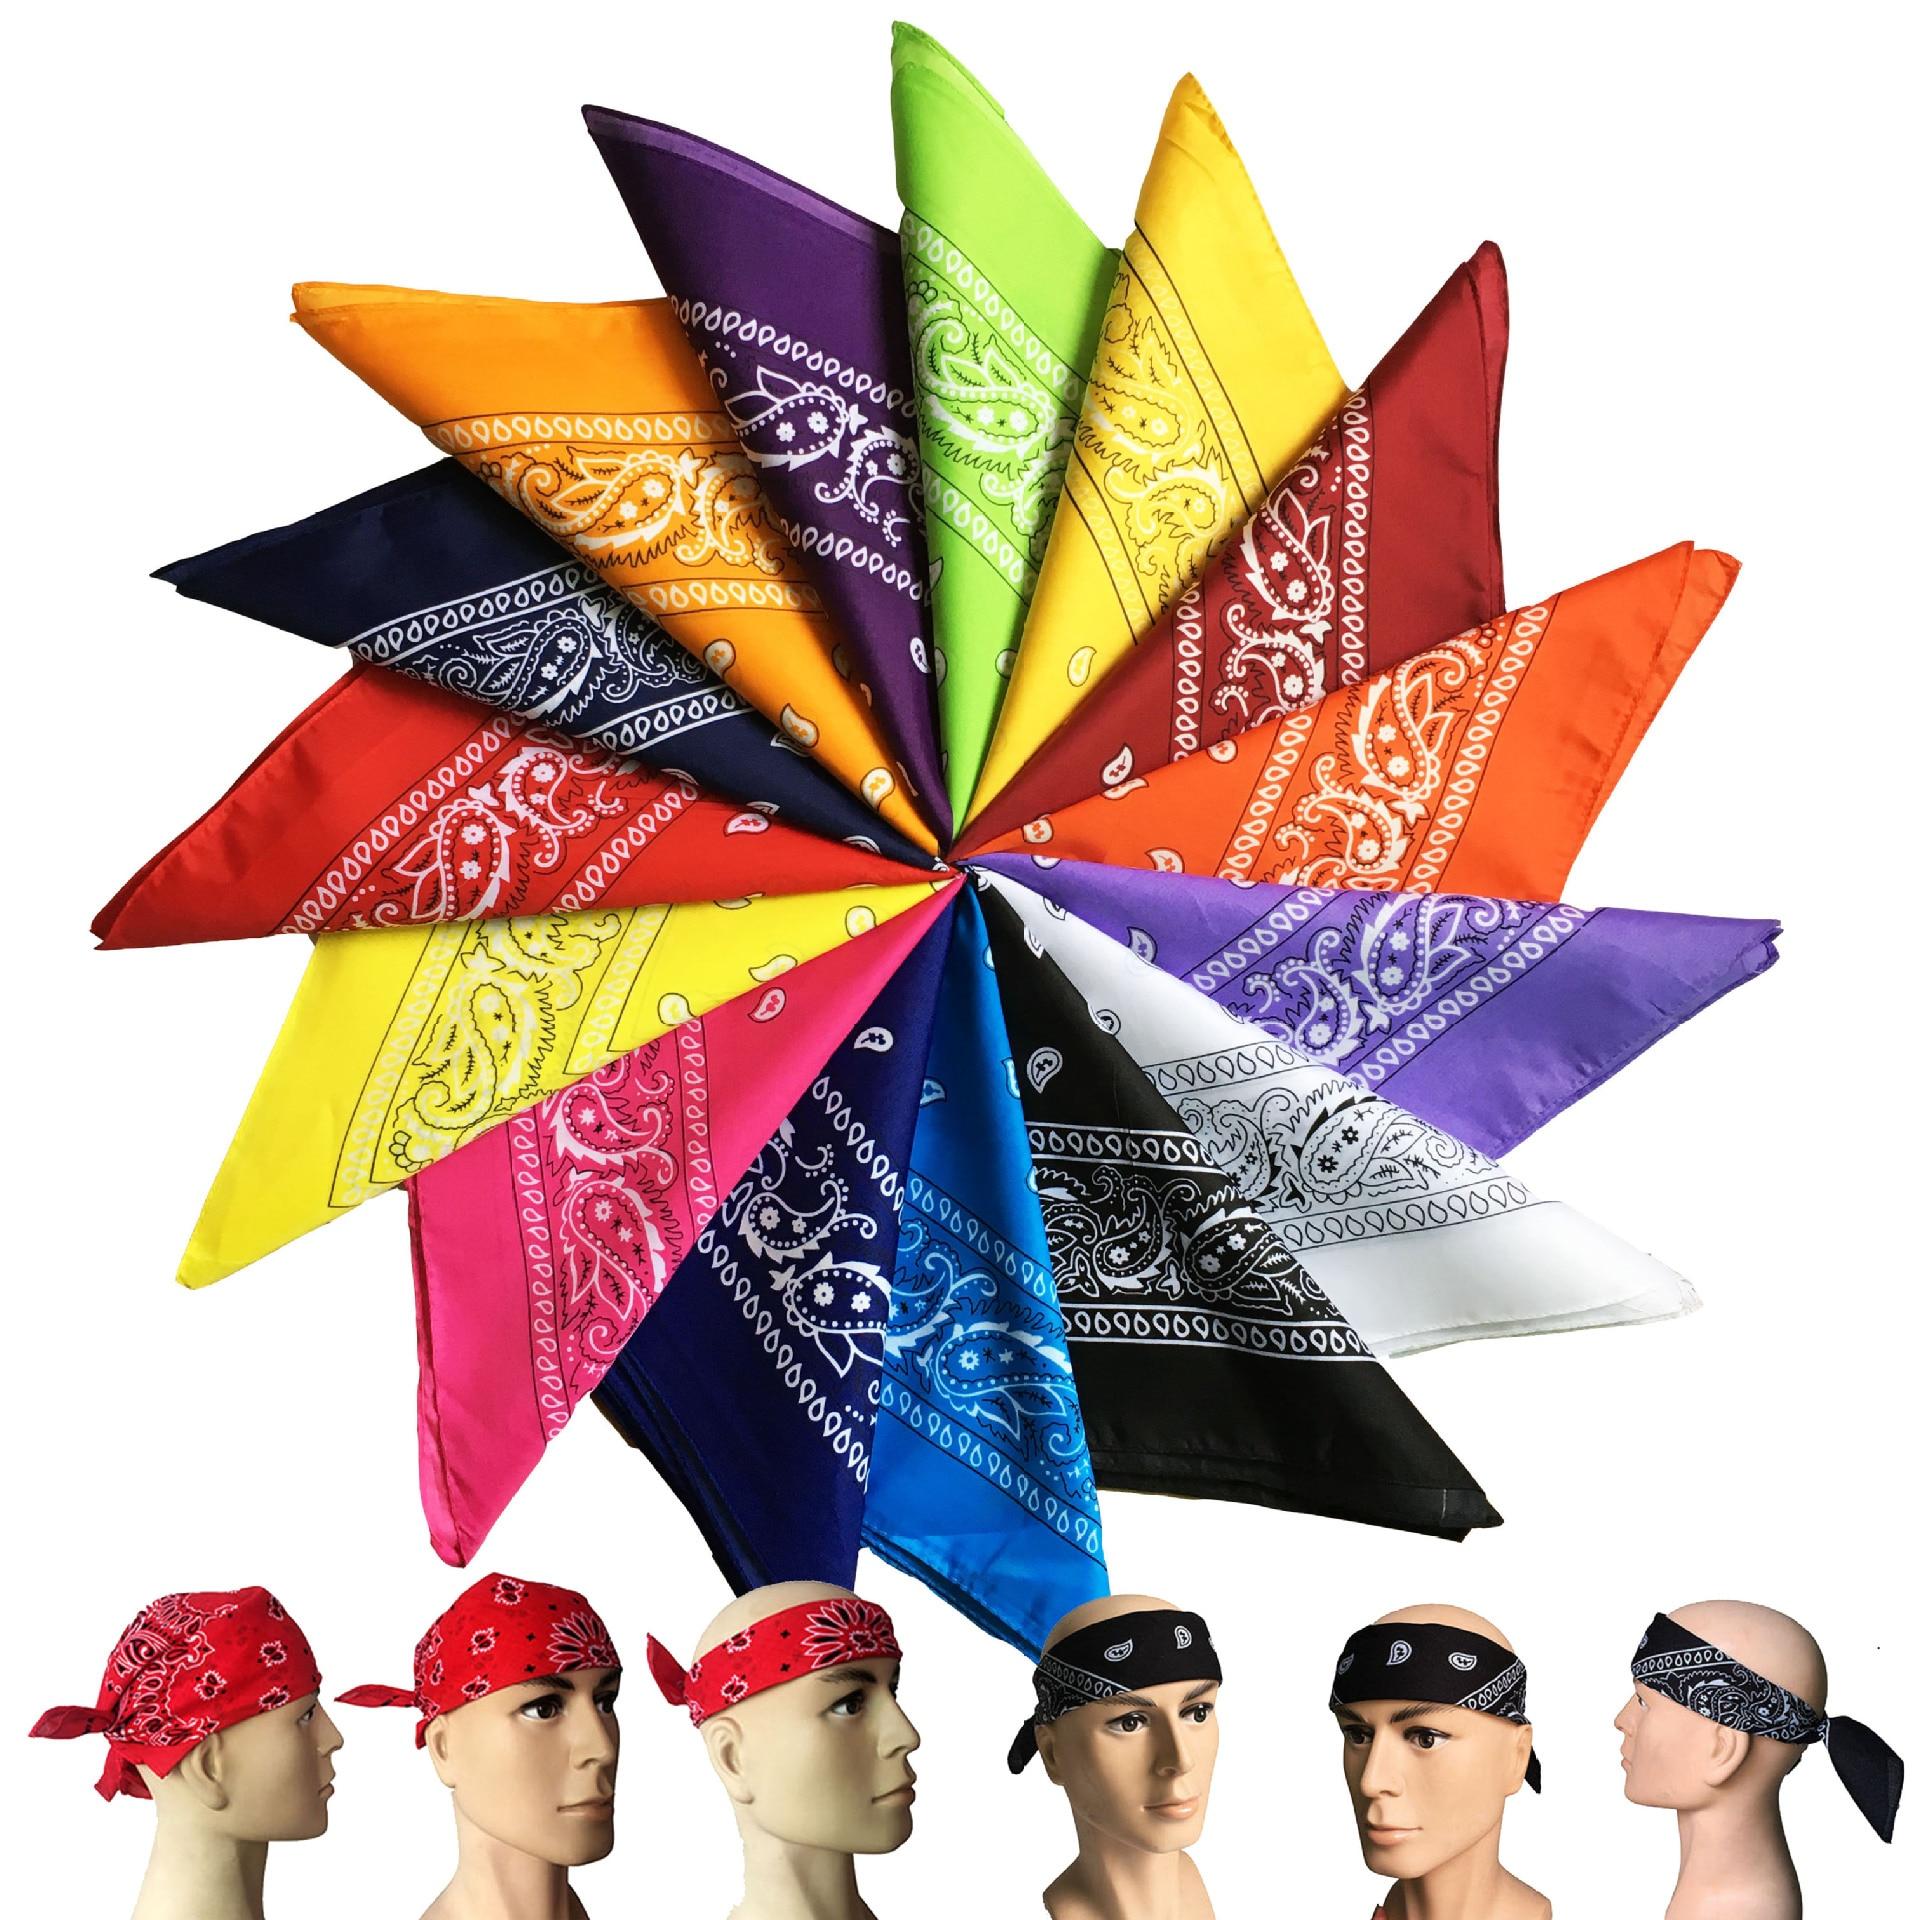 Модная бандана унисекс шарф хип-хоп походный головной платок повязка на запястье волшебный квадратный платок с принтом кешью аксессуары дл...